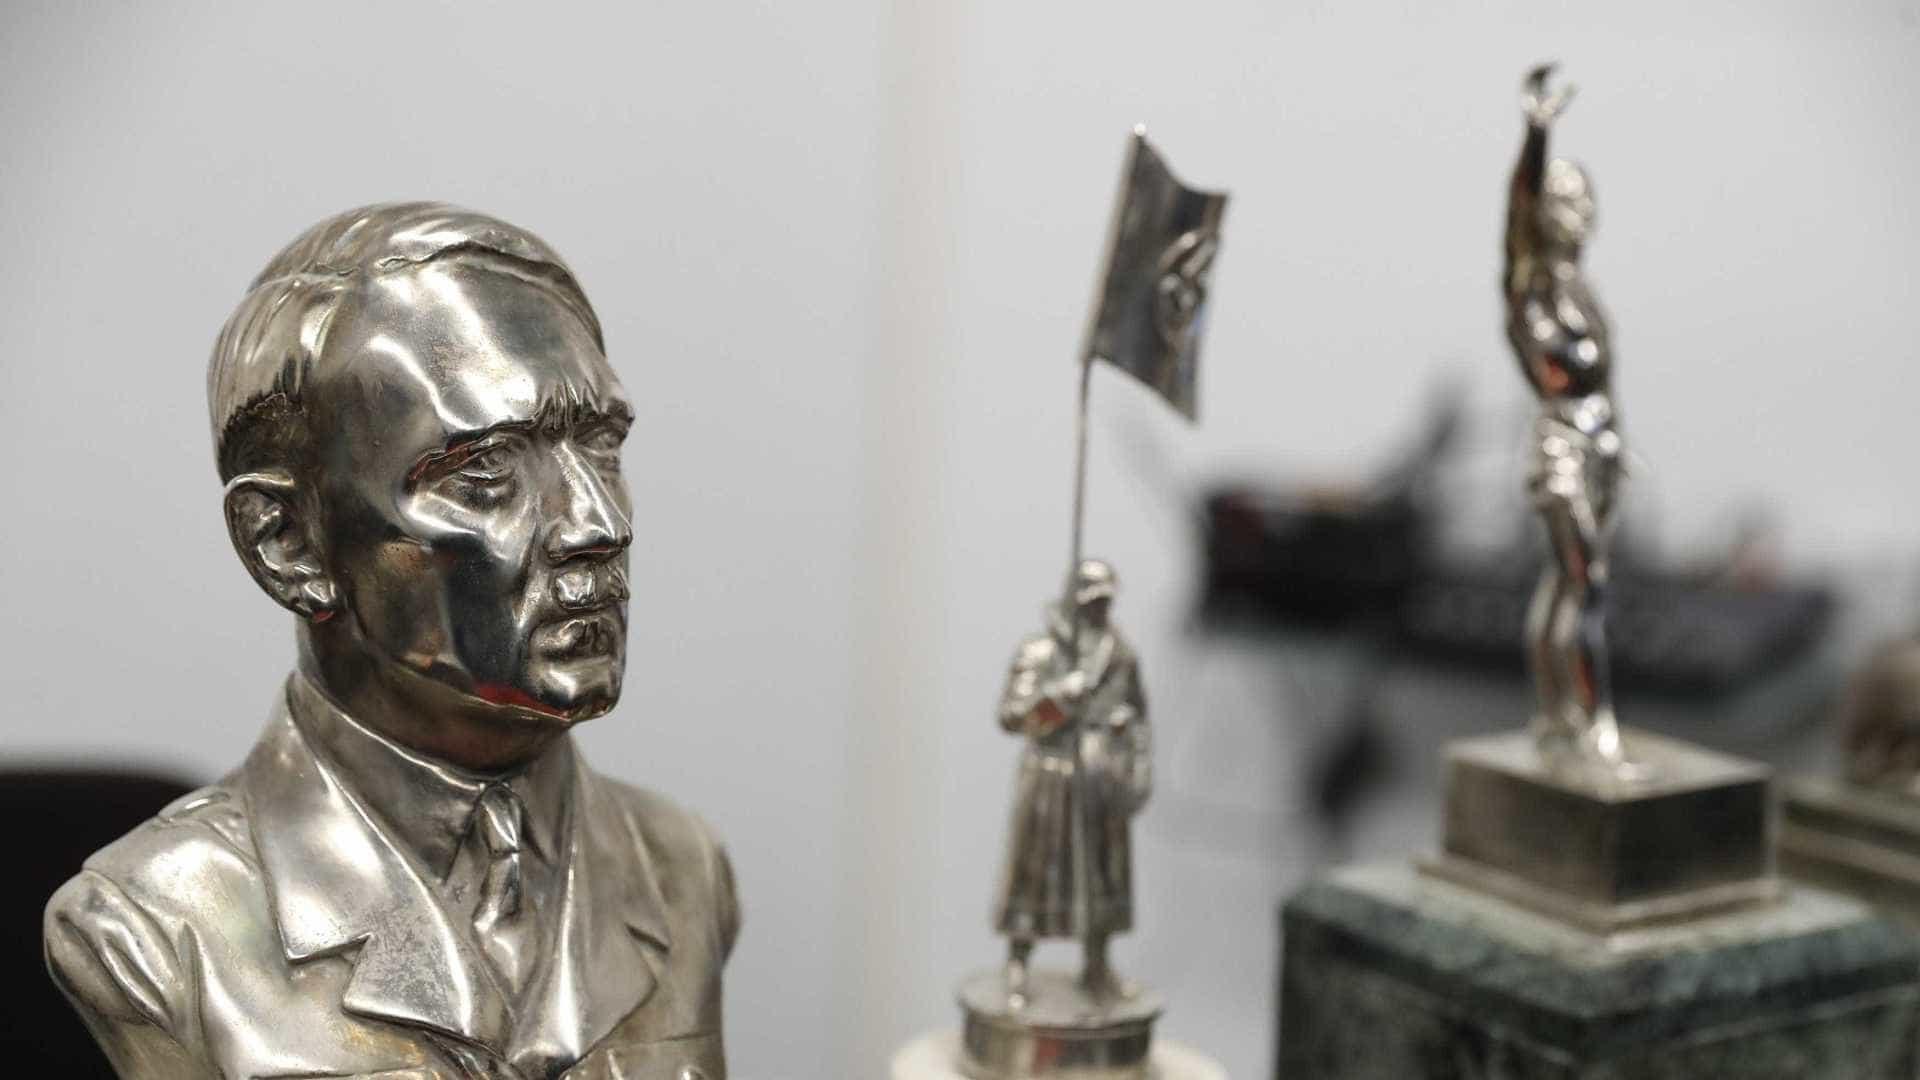 Descoberta na Argentina coleção de supostos artefatos nazis